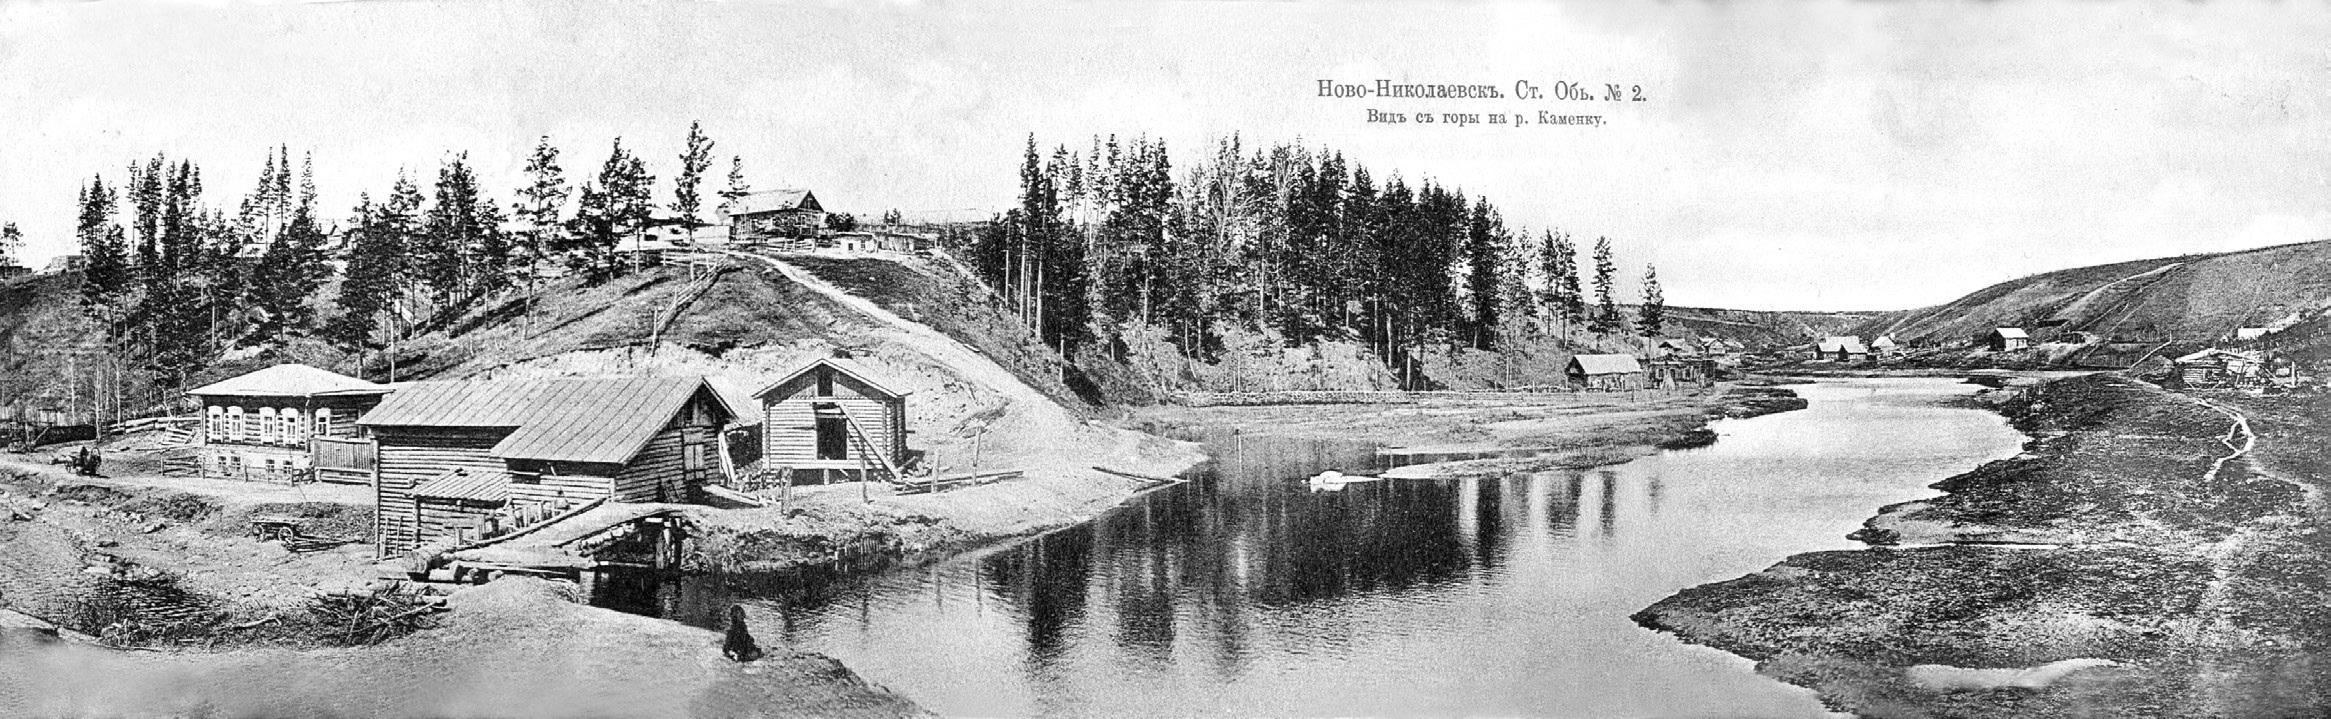 Исторически на Каменке располагались водяные мельницы. Например, на месте металлических гаражей, там, где Каменка прячется в коллектор, был большой мельничный пруд